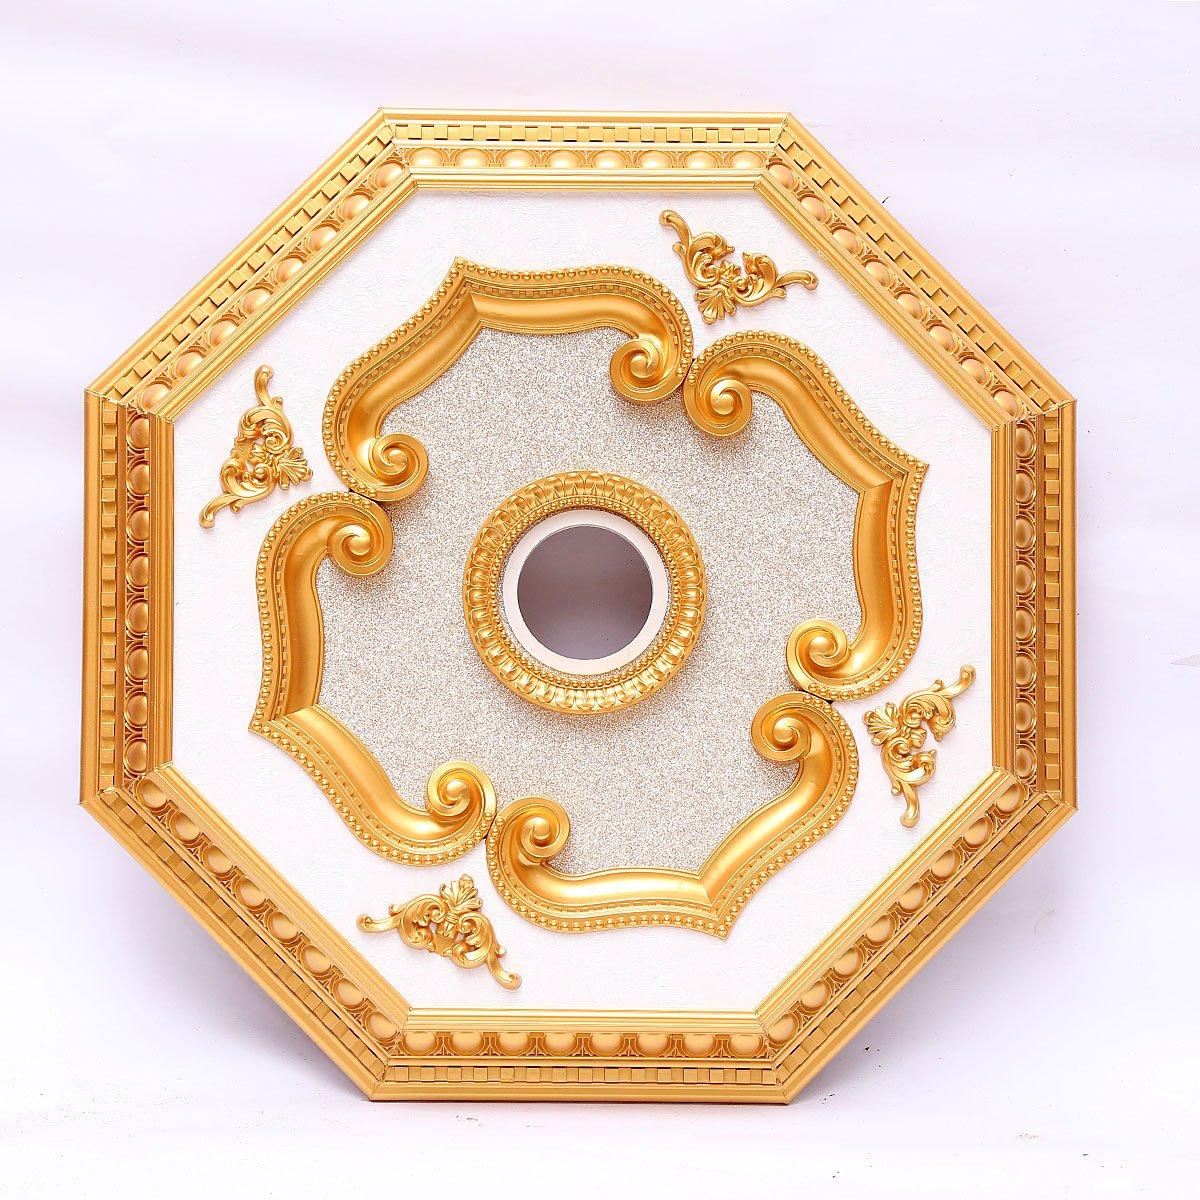 B&S Lighting OCT1S101-32 Inch Ceiling Medallion